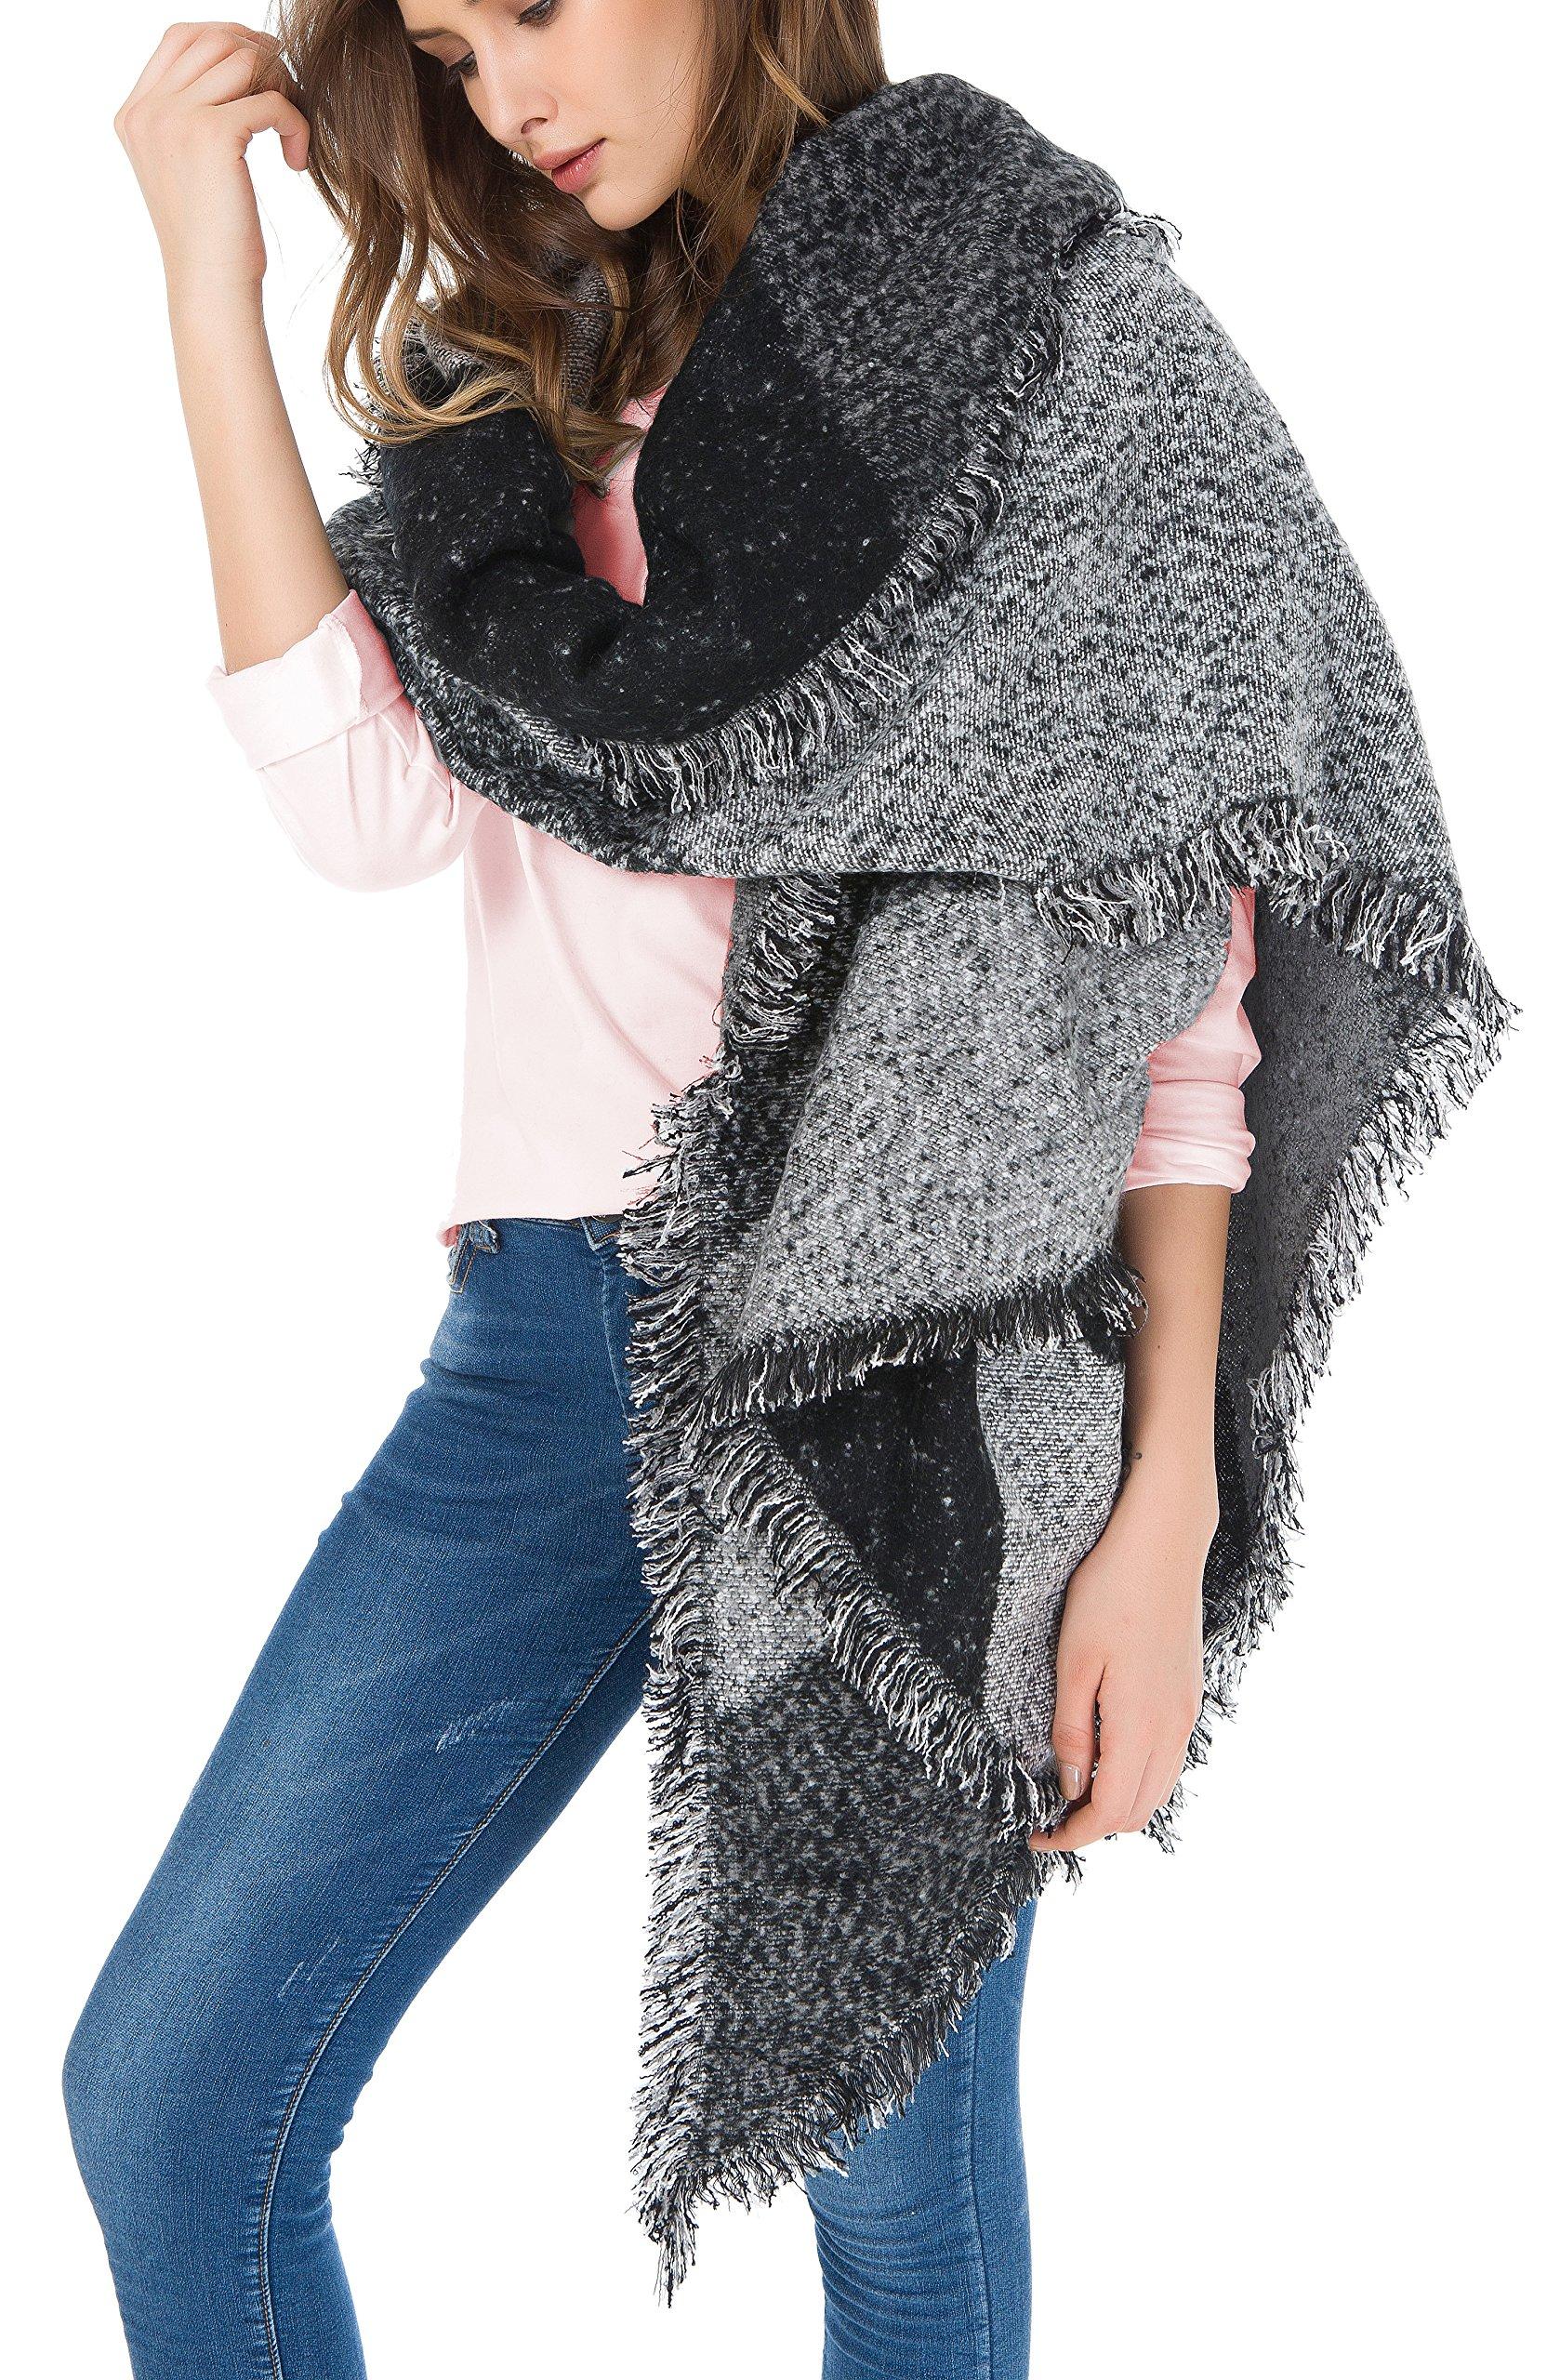 Jusfitsu Women's Fashion Warm Wool Cashmere Bevel Tassels Scarf Wrap Shawl Grey